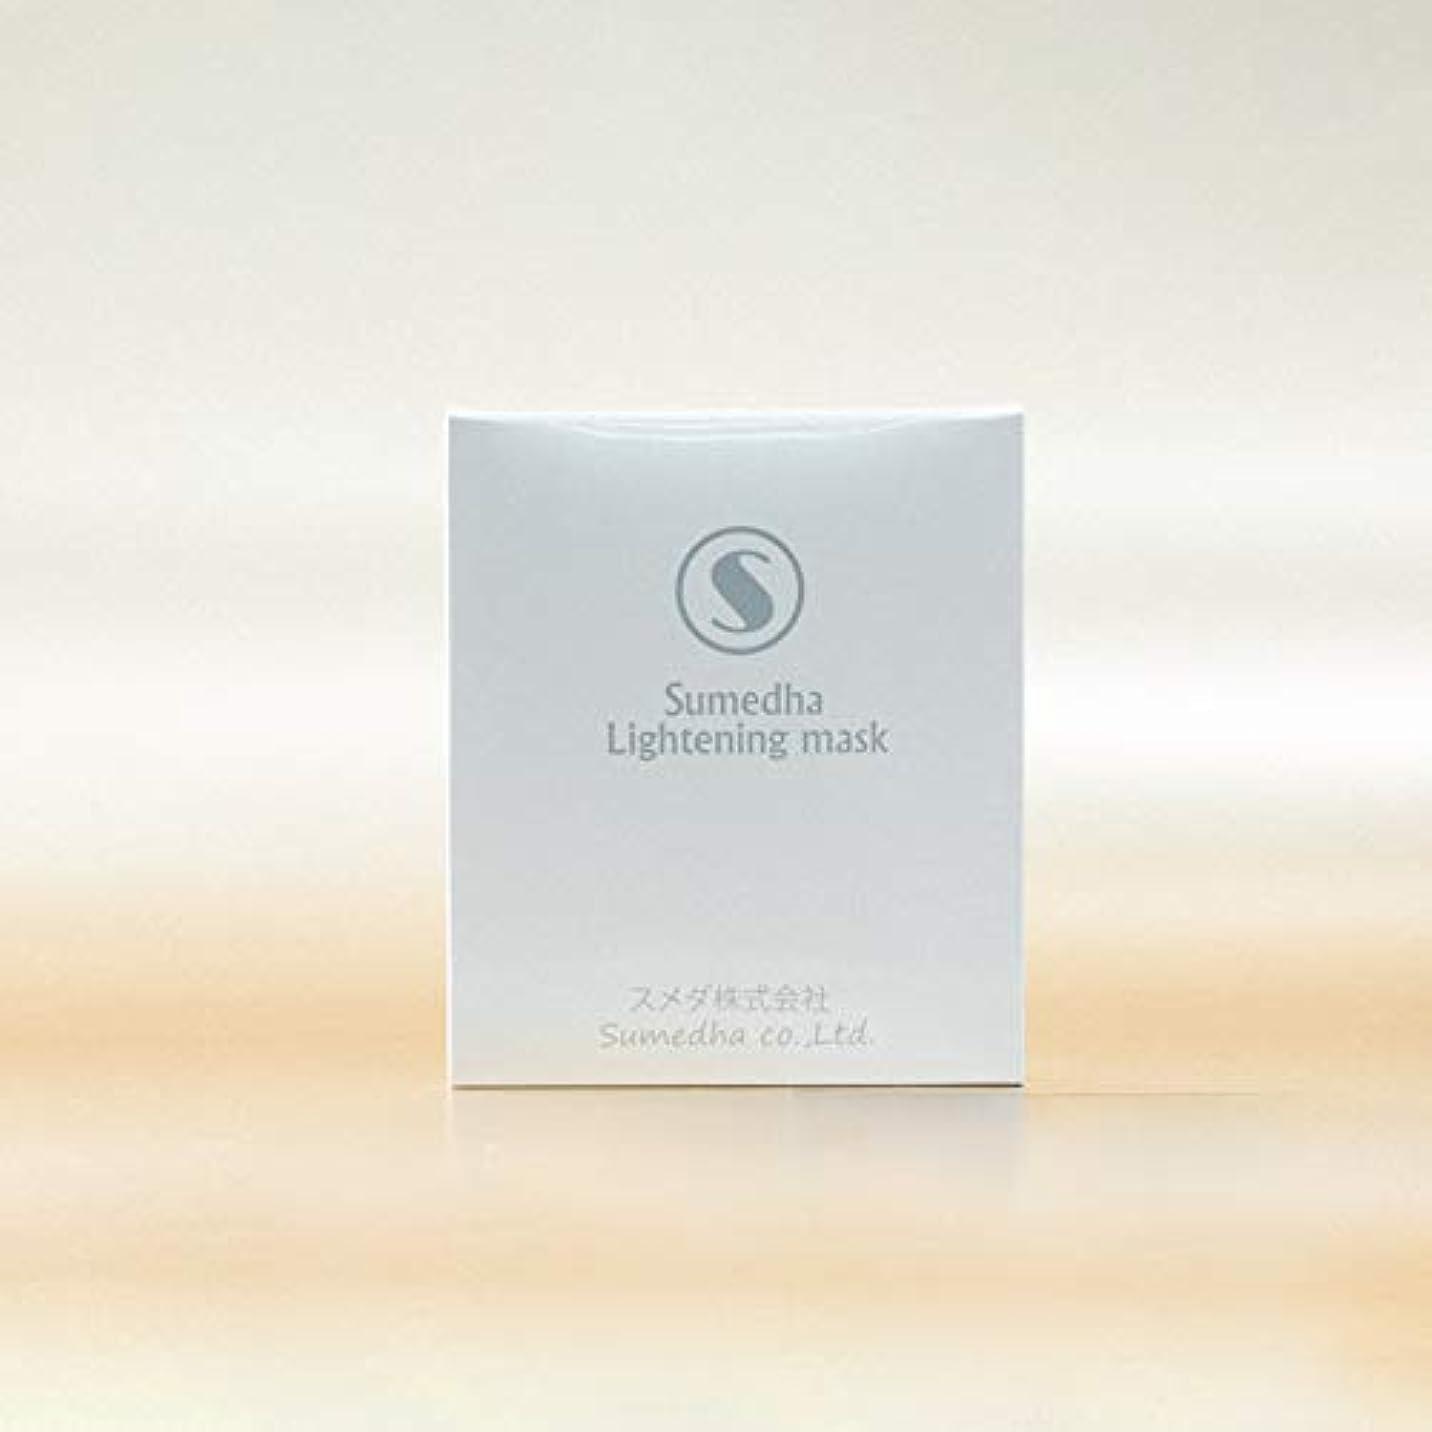 任命する寄稿者ランデブーフェイスマスク Sumedha パック 保湿マスク 日本製 マスク フェイスパック 3枚入り 美白 美容 アンチセンシティブ 角質層修復 抗酸化 保湿 補水 敏感肌 発赤 アレルギー緩和 コーセー (美白)